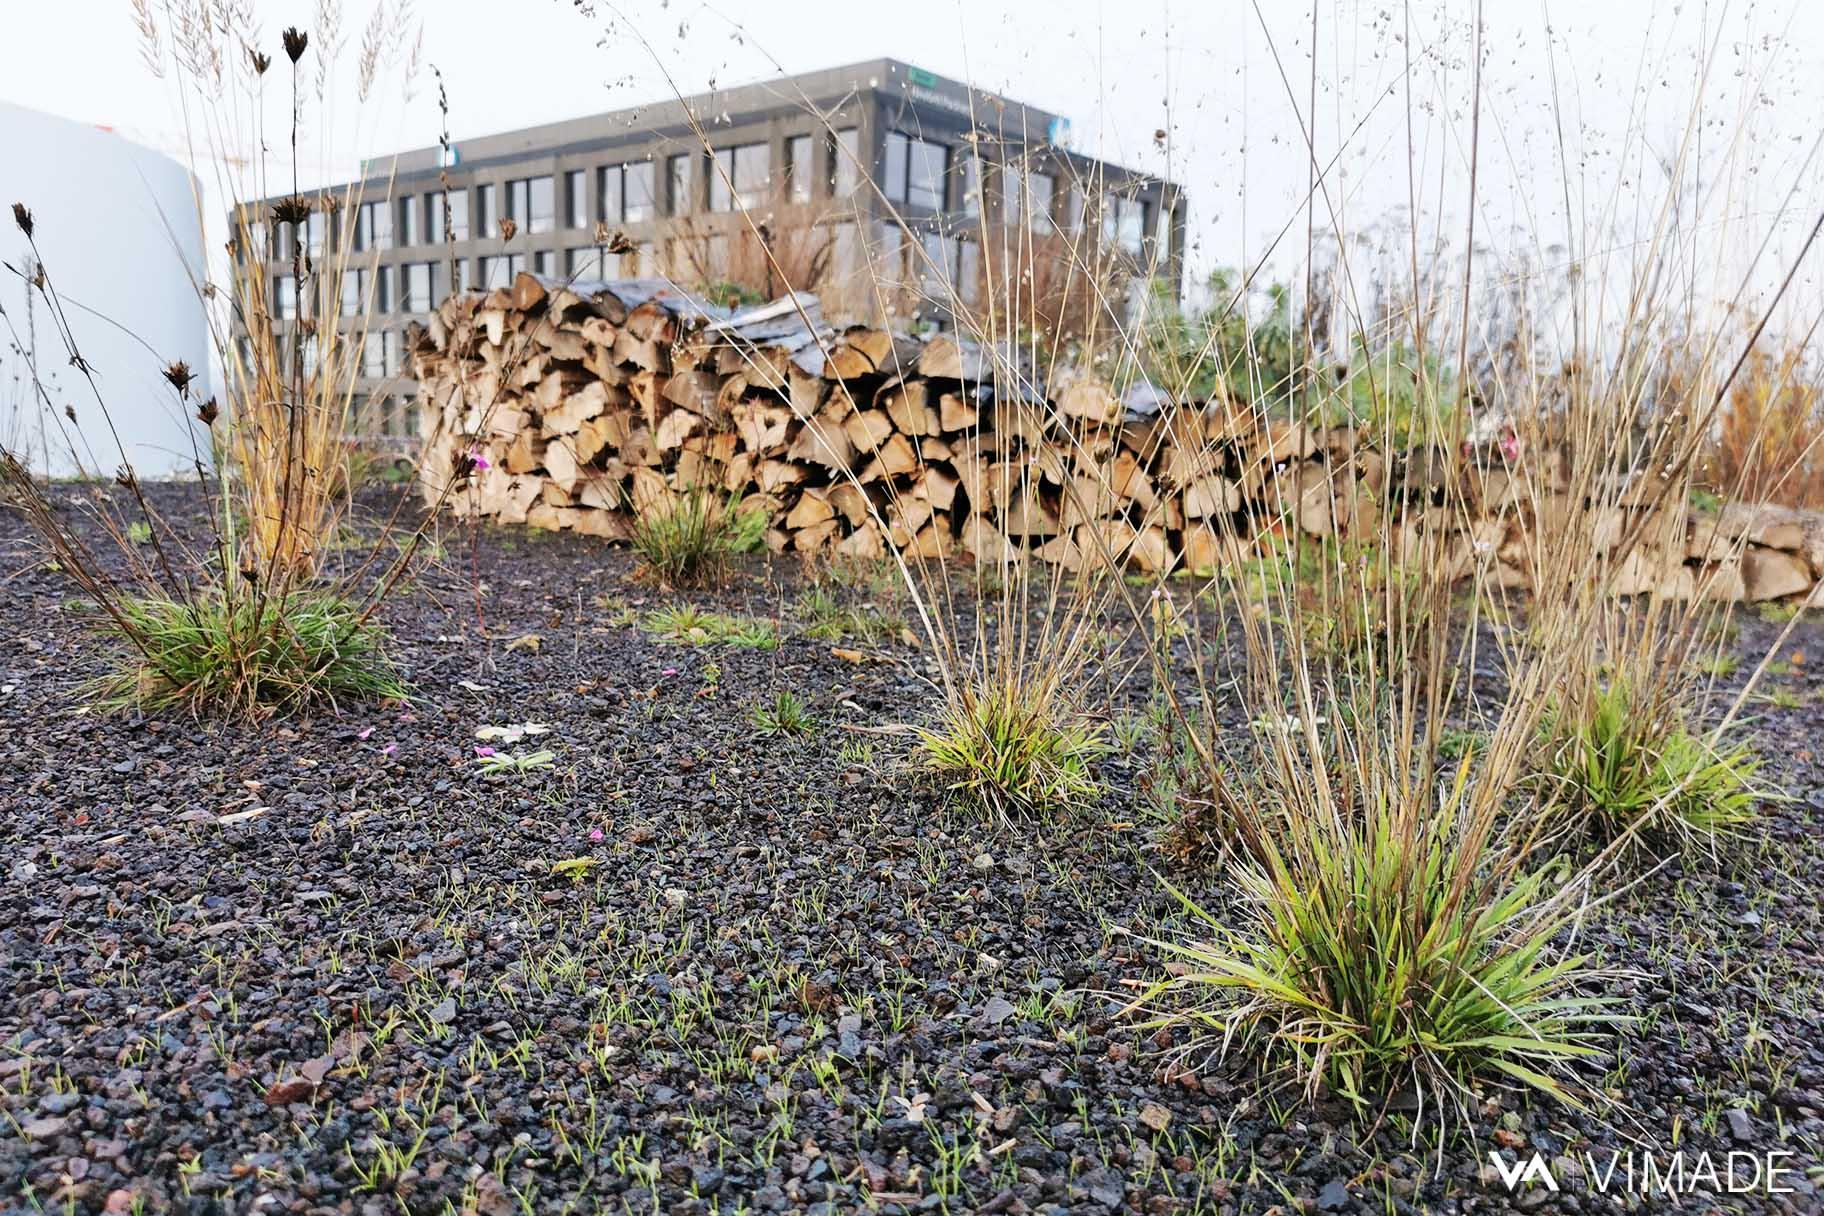 Toiture végétalisé avec semis et plantation de graminées, écologie et biodiversité du bâtiment Luigia du site The hive à Meyrin par le bureau VIMADE Architectes paysagistes Genève.